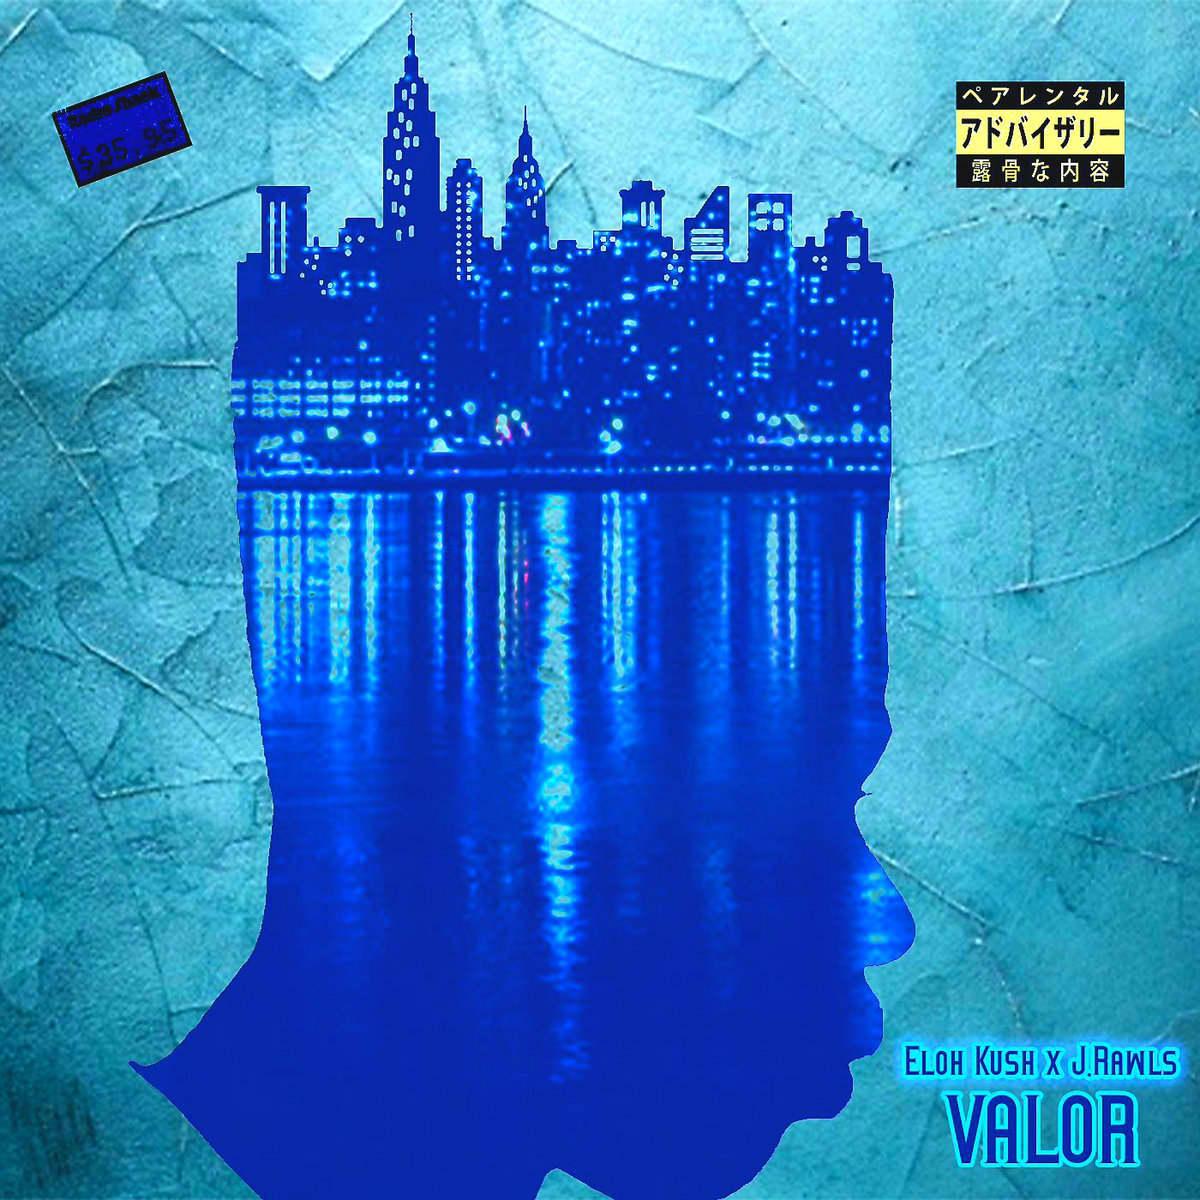 J.Rawls & Eloh Kush release 'Valor' EP